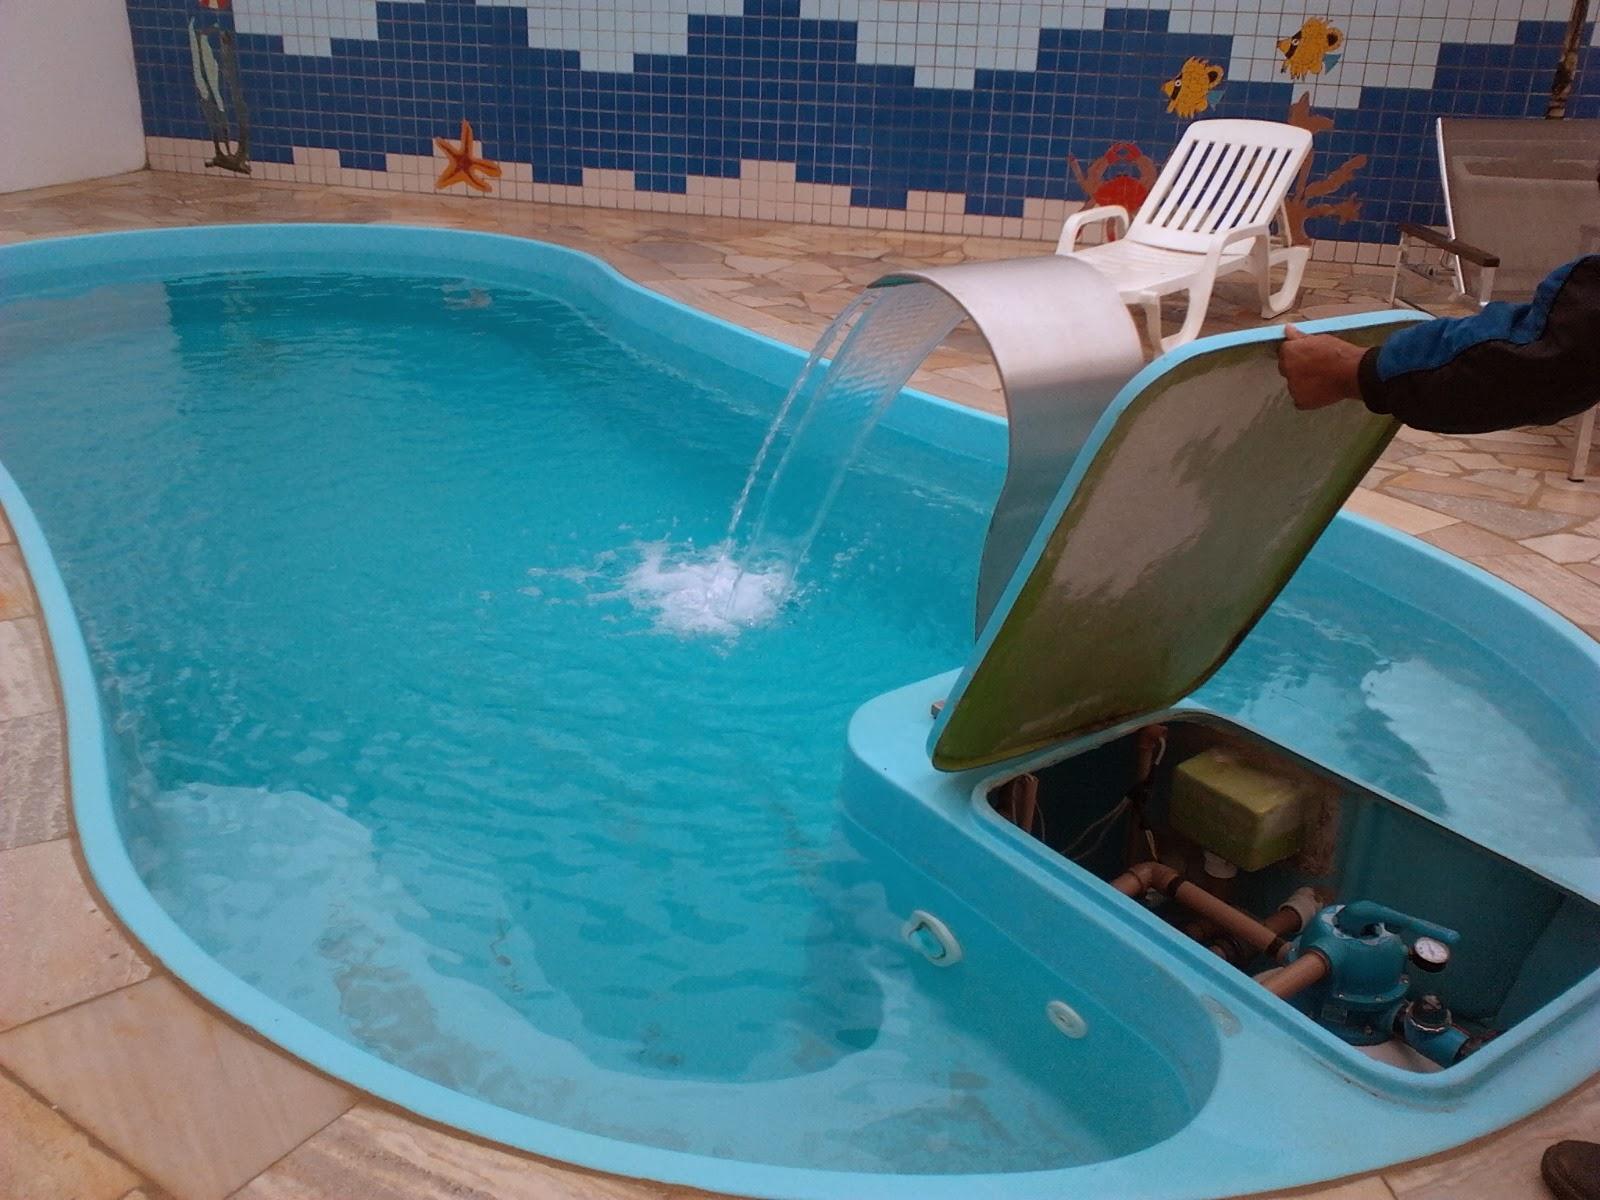 Piscinas de fibra piscinas mundial piscinas em - Motor de piscina ...